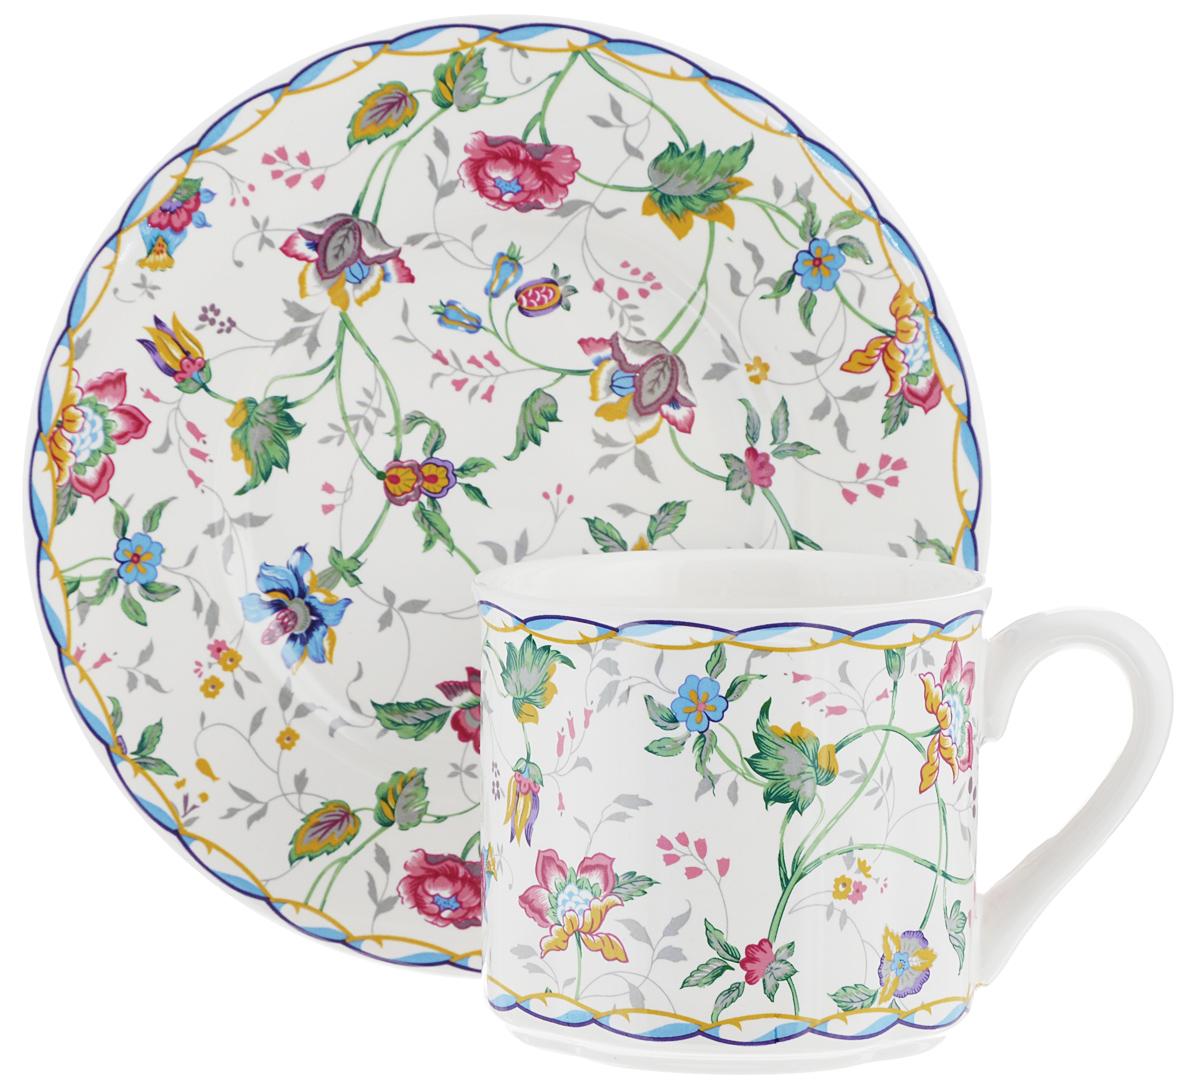 Чайная пара Gotoff, 2 предметаLUNA09-1102/1Чайная пара Gotoff состоит из чашки и блюдца, изготовленных из высококачественного фаянса. Оригинальный яркий дизайн, несомненно, придется вам по вкусу.Чайная пара Gotoff украсит ваш кухонный стол, а также станет замечательным подарком к любому празднику.Диаметр чашки (по верхнему краю): 8 см.Высота чашки: 8 см.Объем чашки: 200 мл.Диаметр блюдца: 16,5 см.